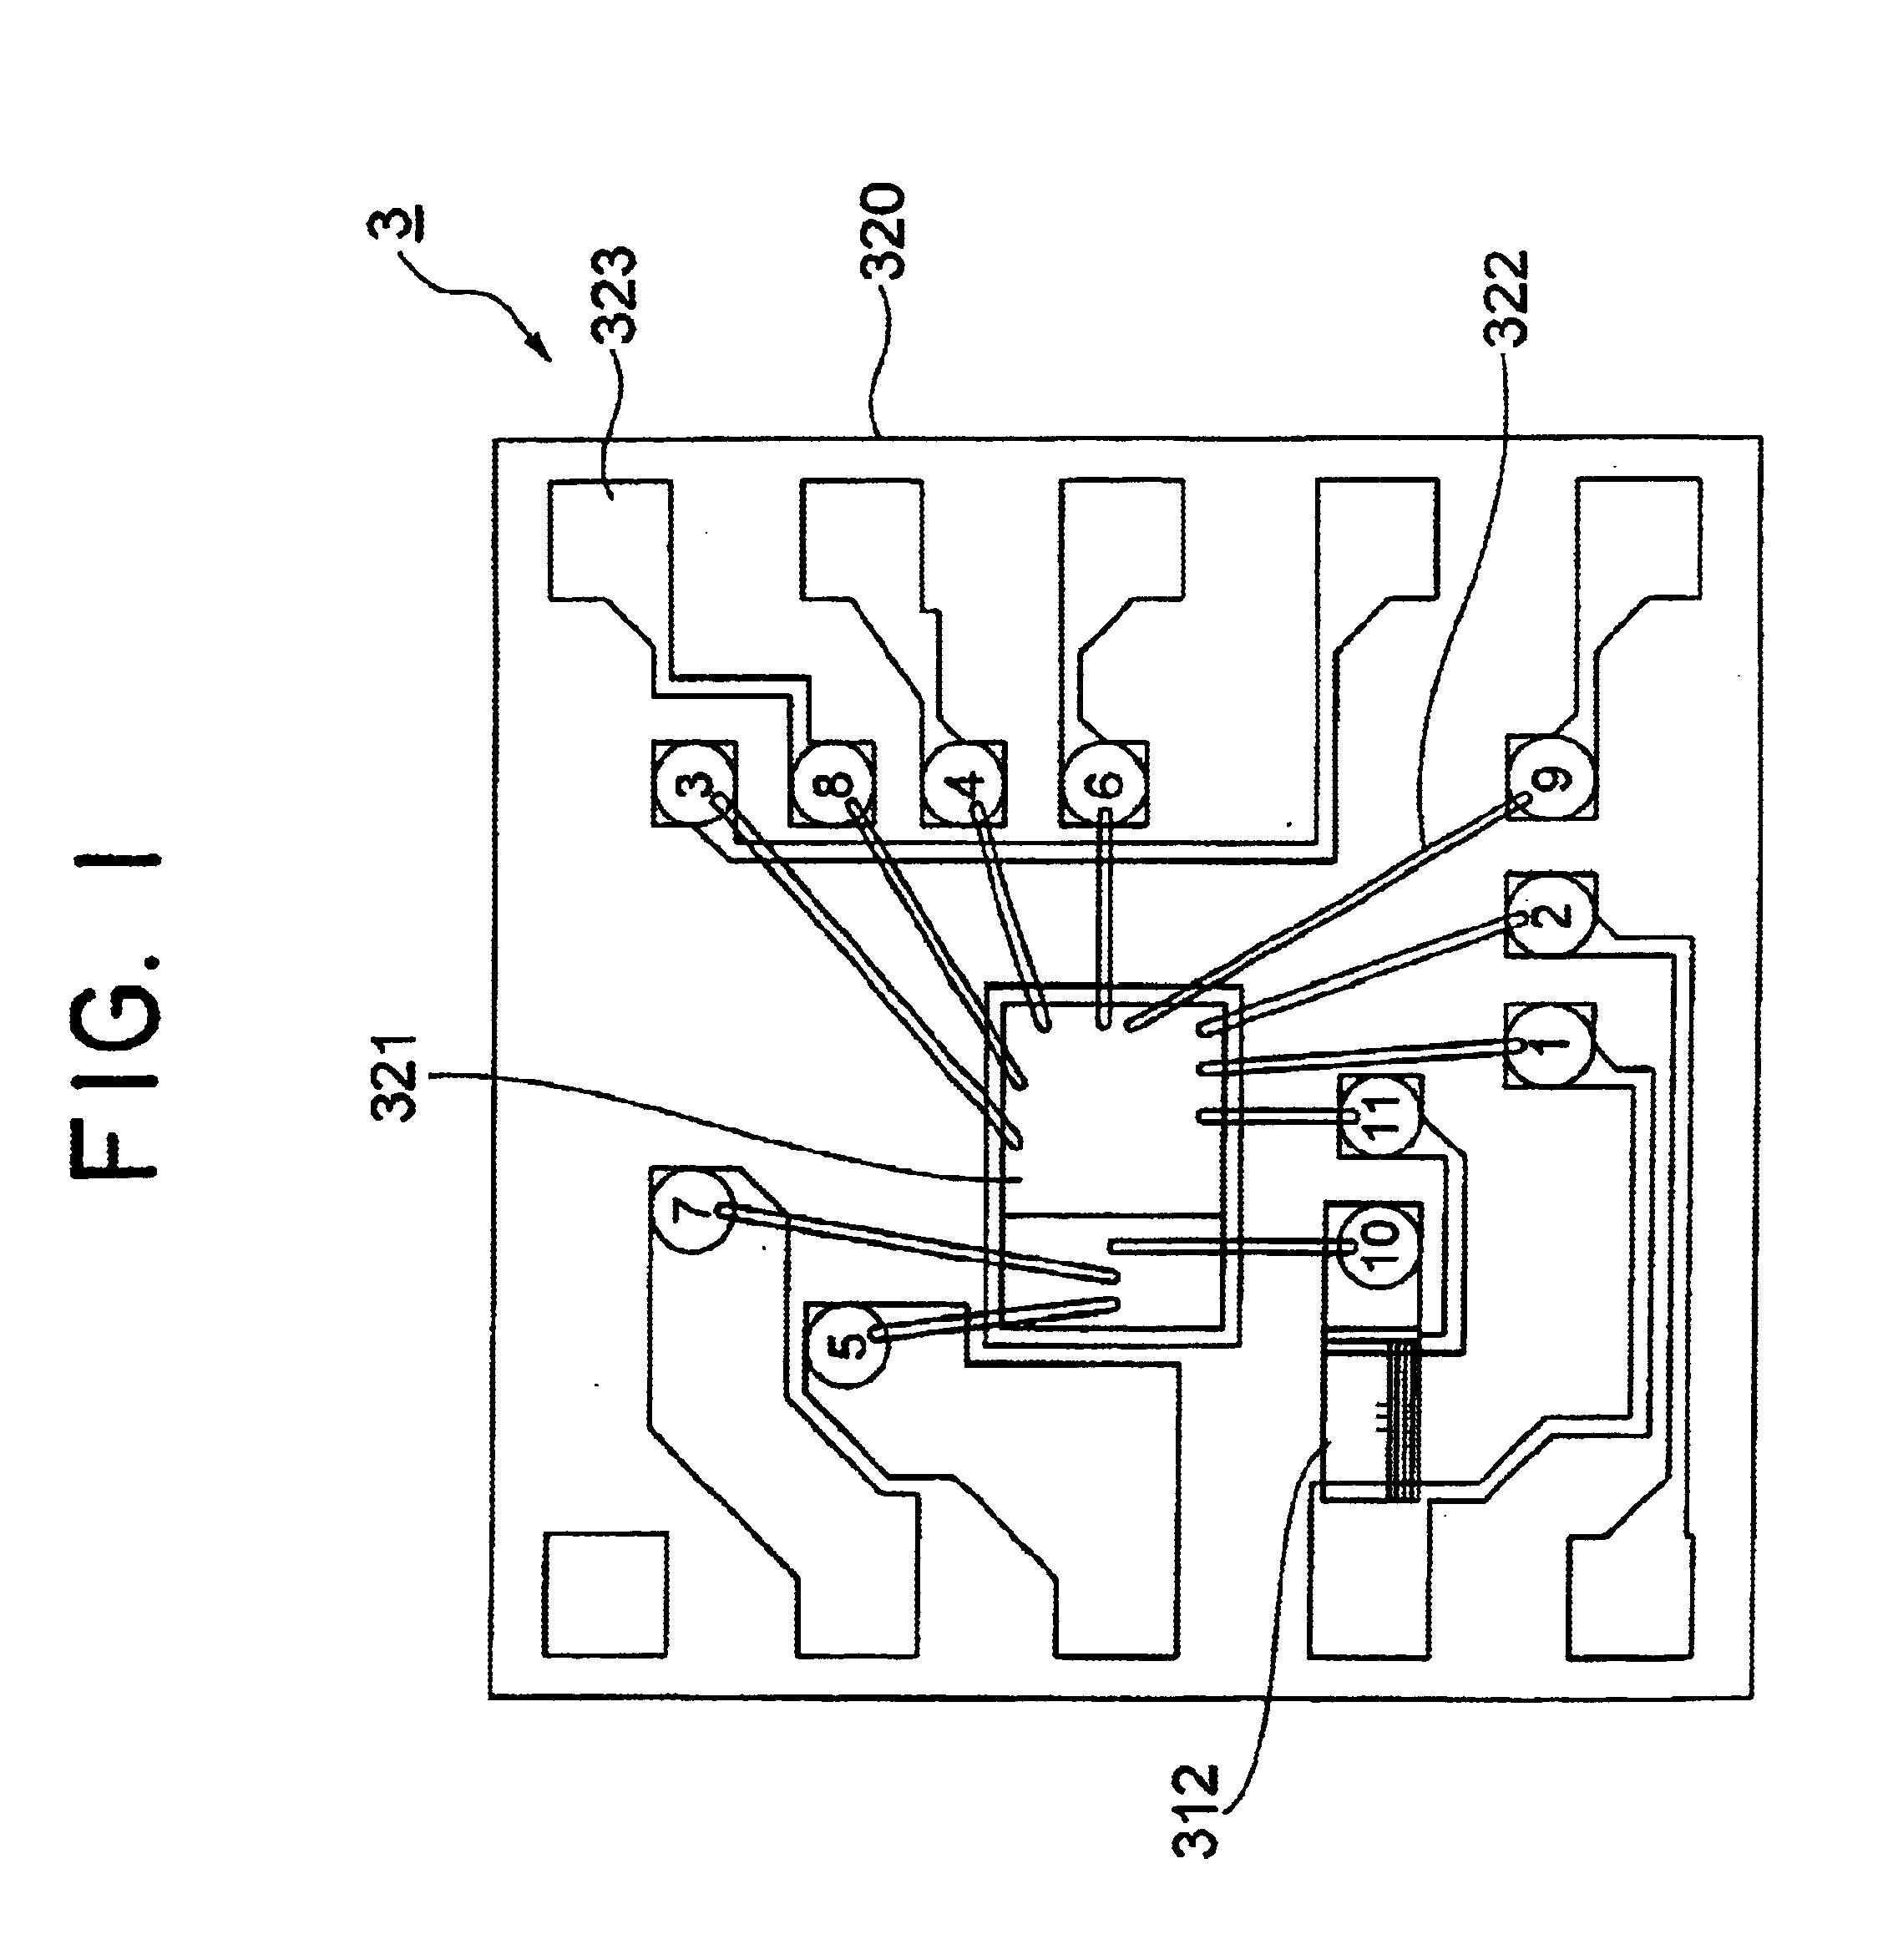 patent us6781350 - automotive dynamo controller